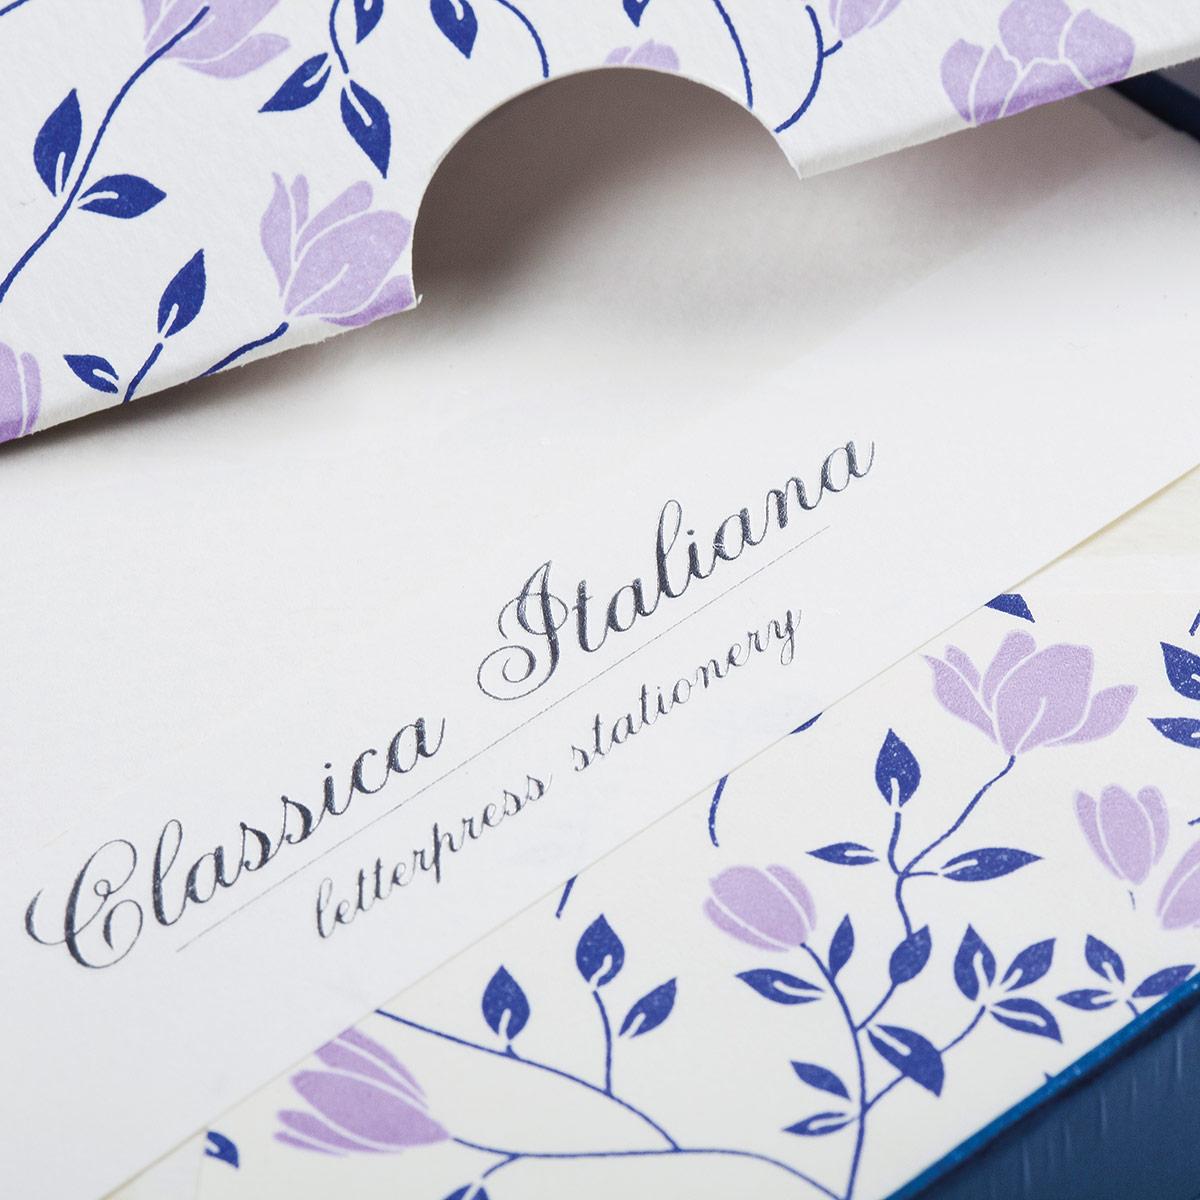 Carta italiana tipografica con fiori